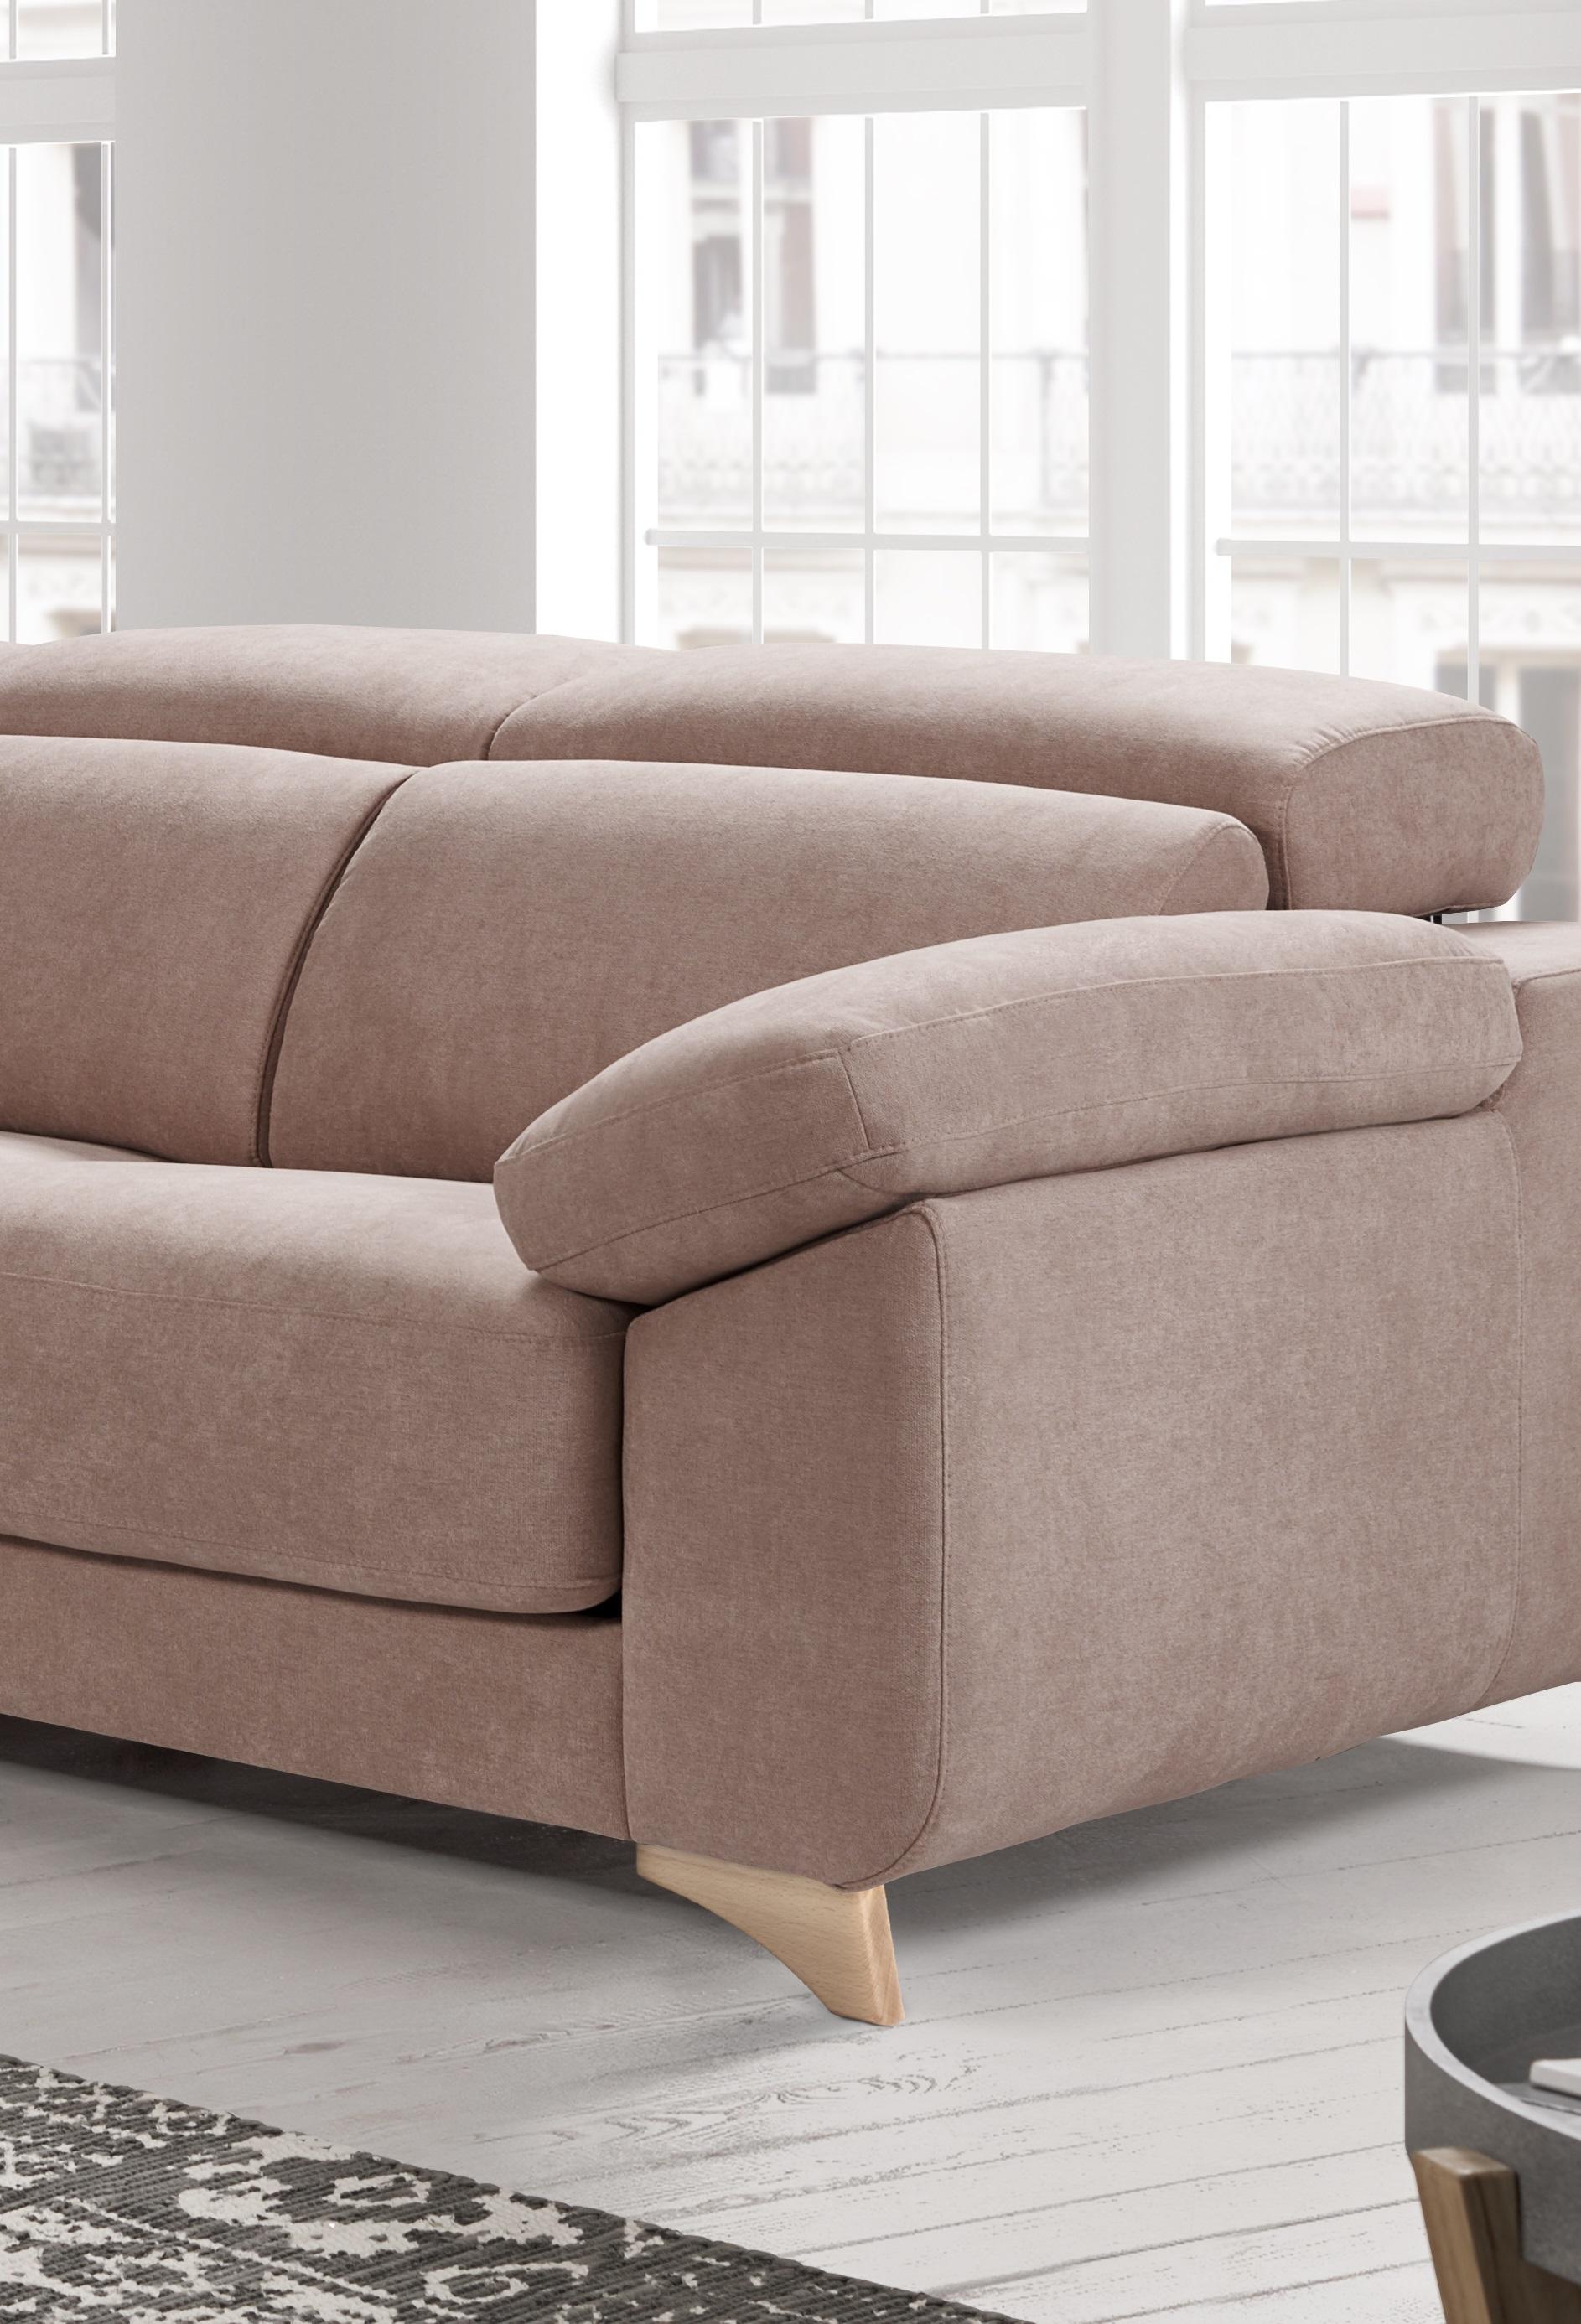 Muebles yecla kenza obtenga ideas dise o de muebles para for Fabrica de muebles en yecla